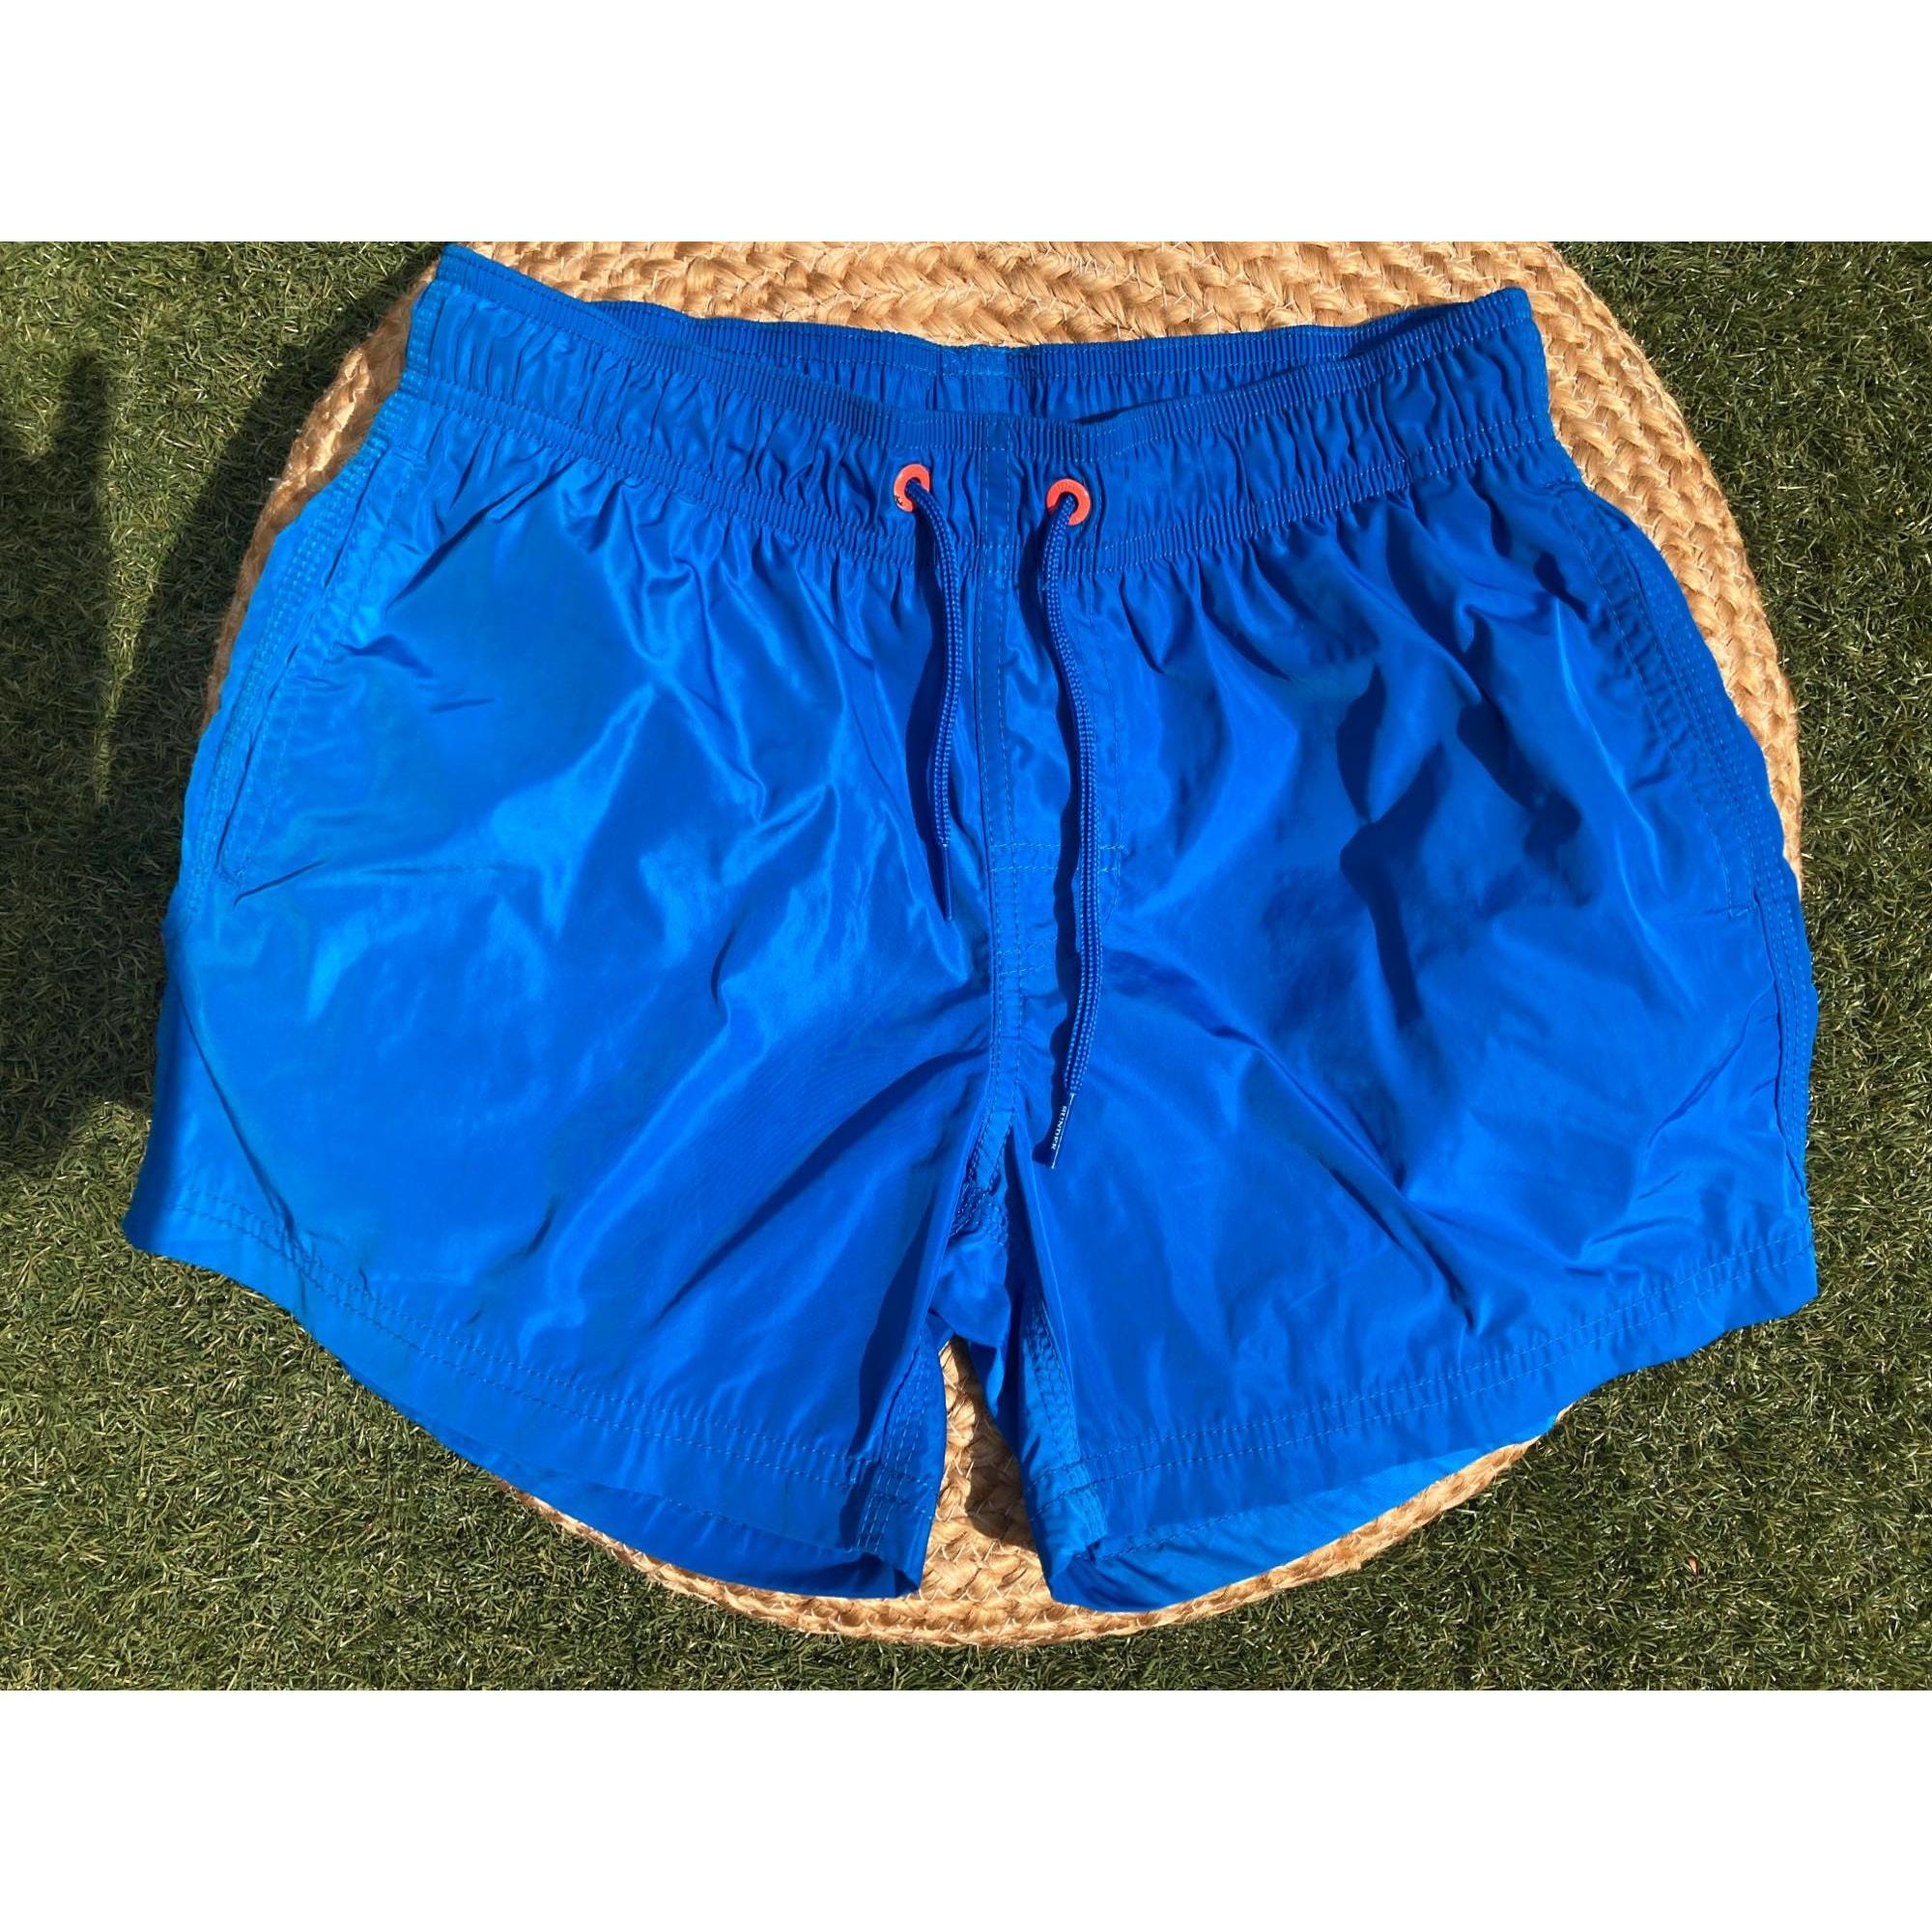 Badeshorts SUNDEK Blau, marineblau, türkisblau